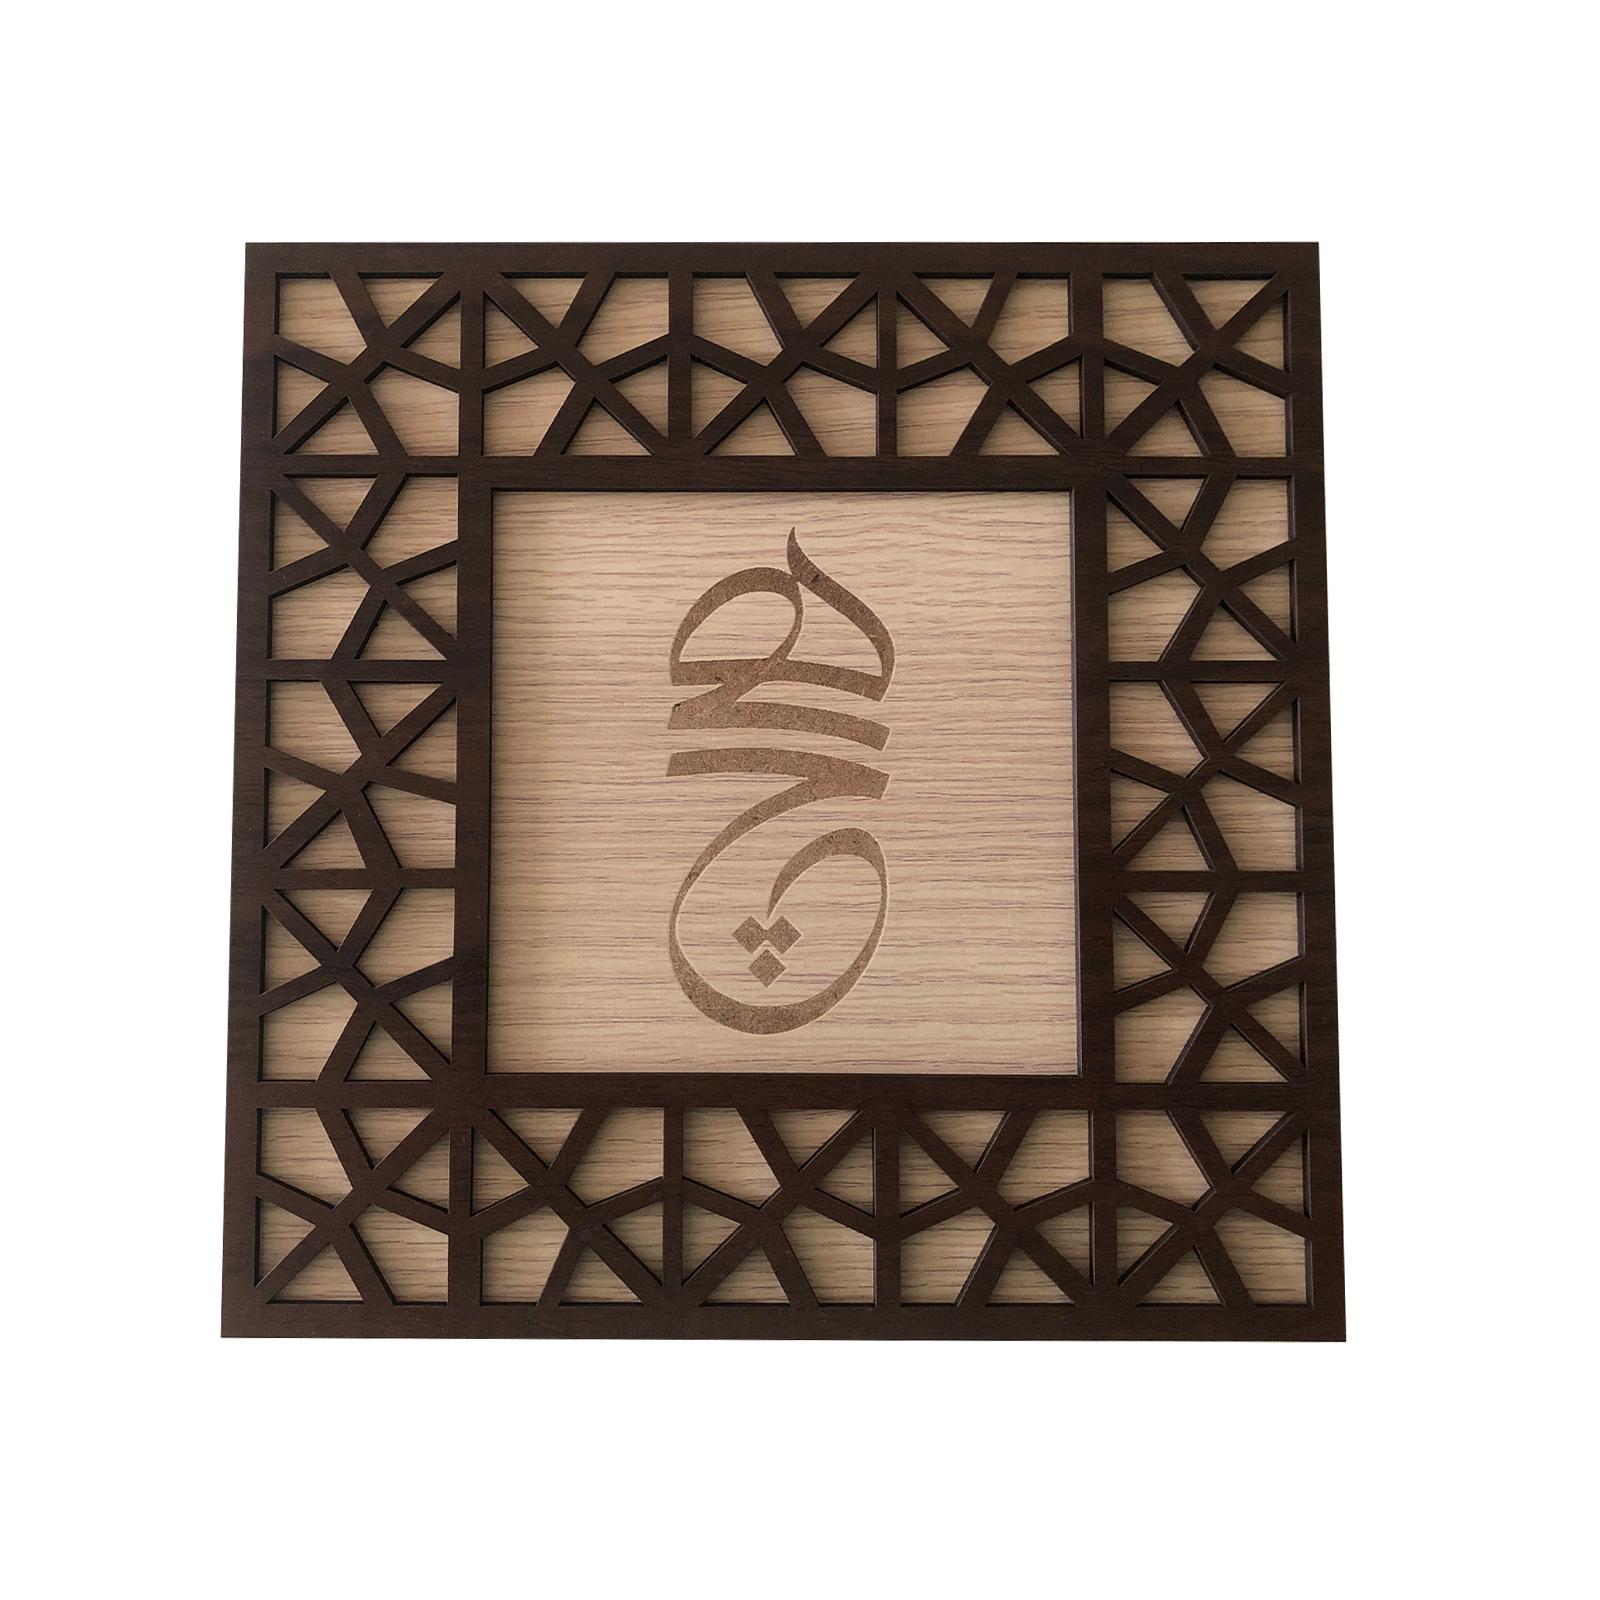 تابلو چوبی طرح هیچ مدل مولانا کد ta3